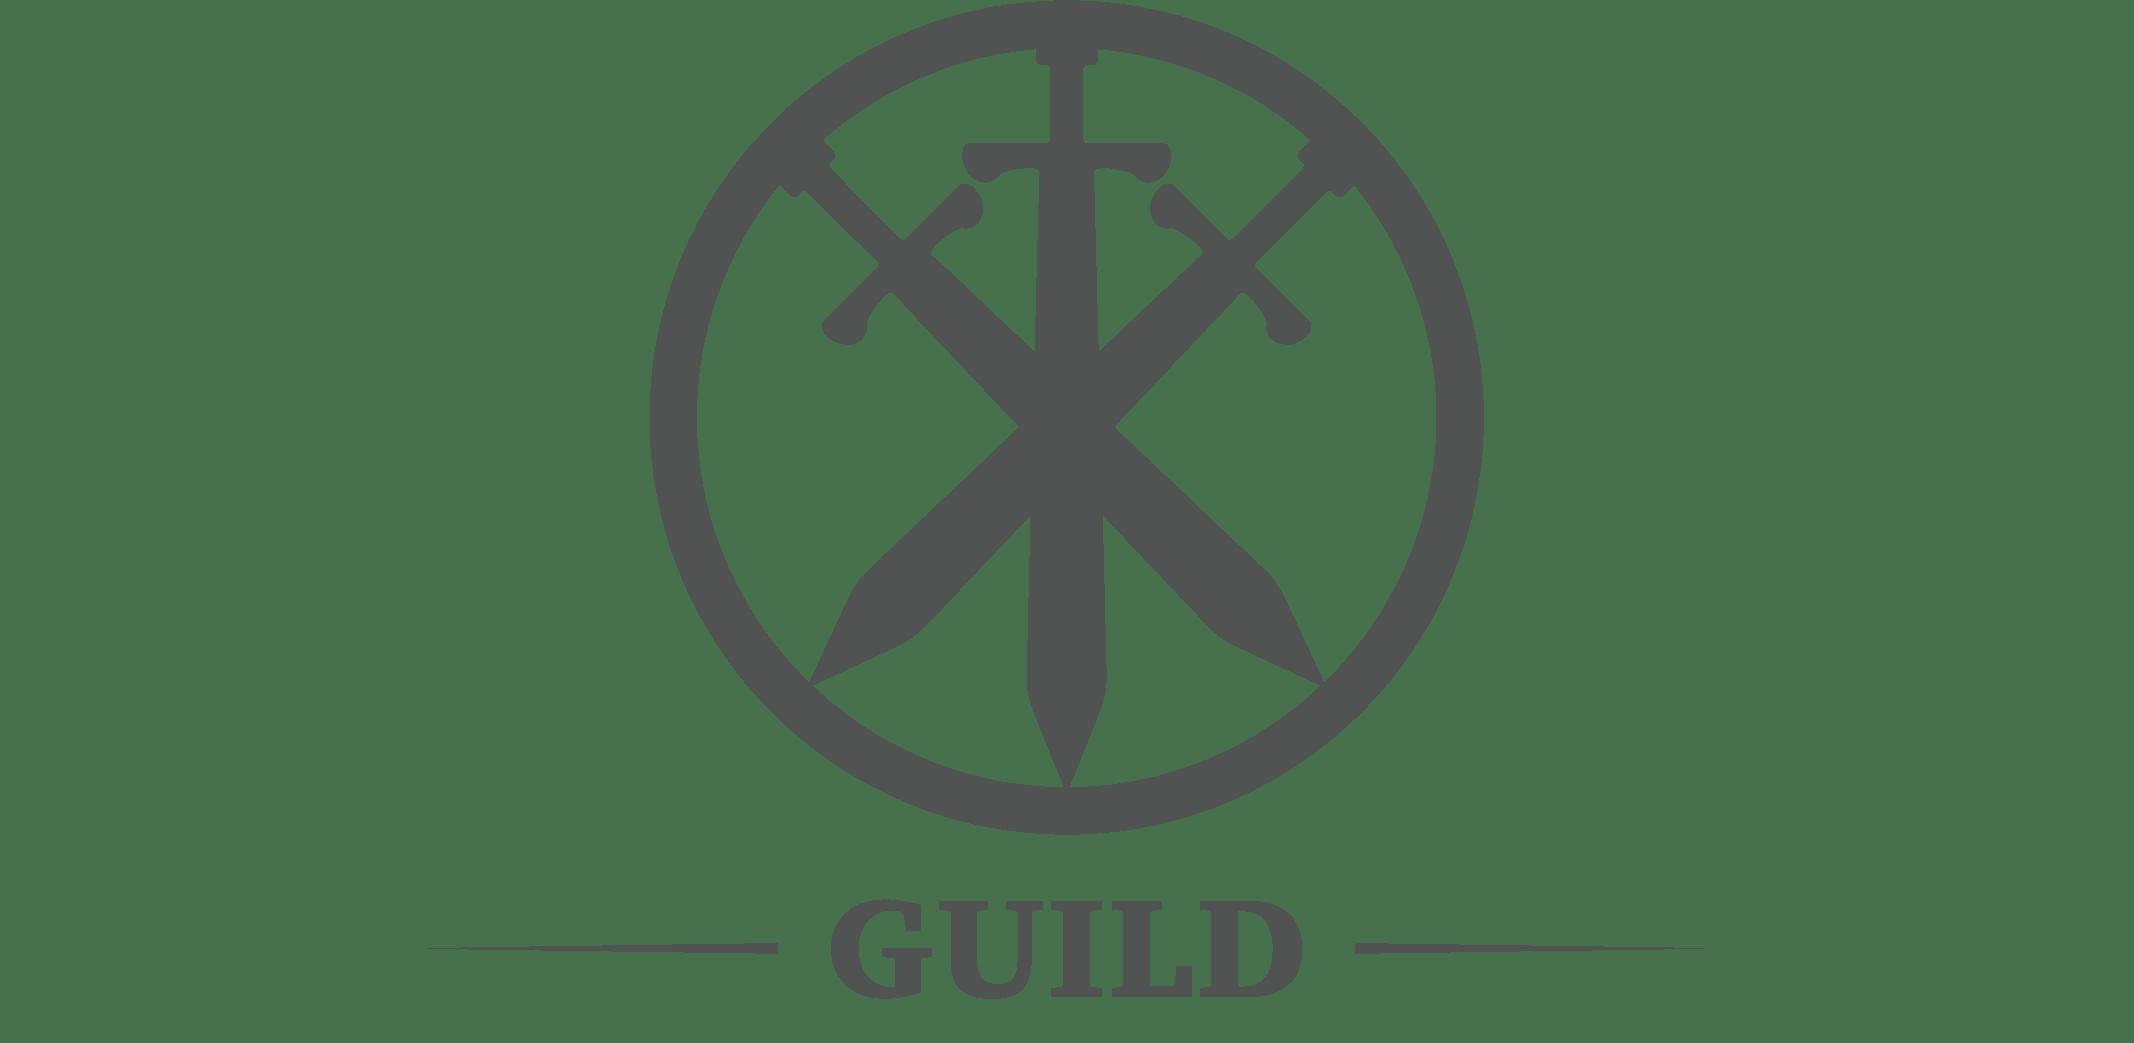 Guild brand logo